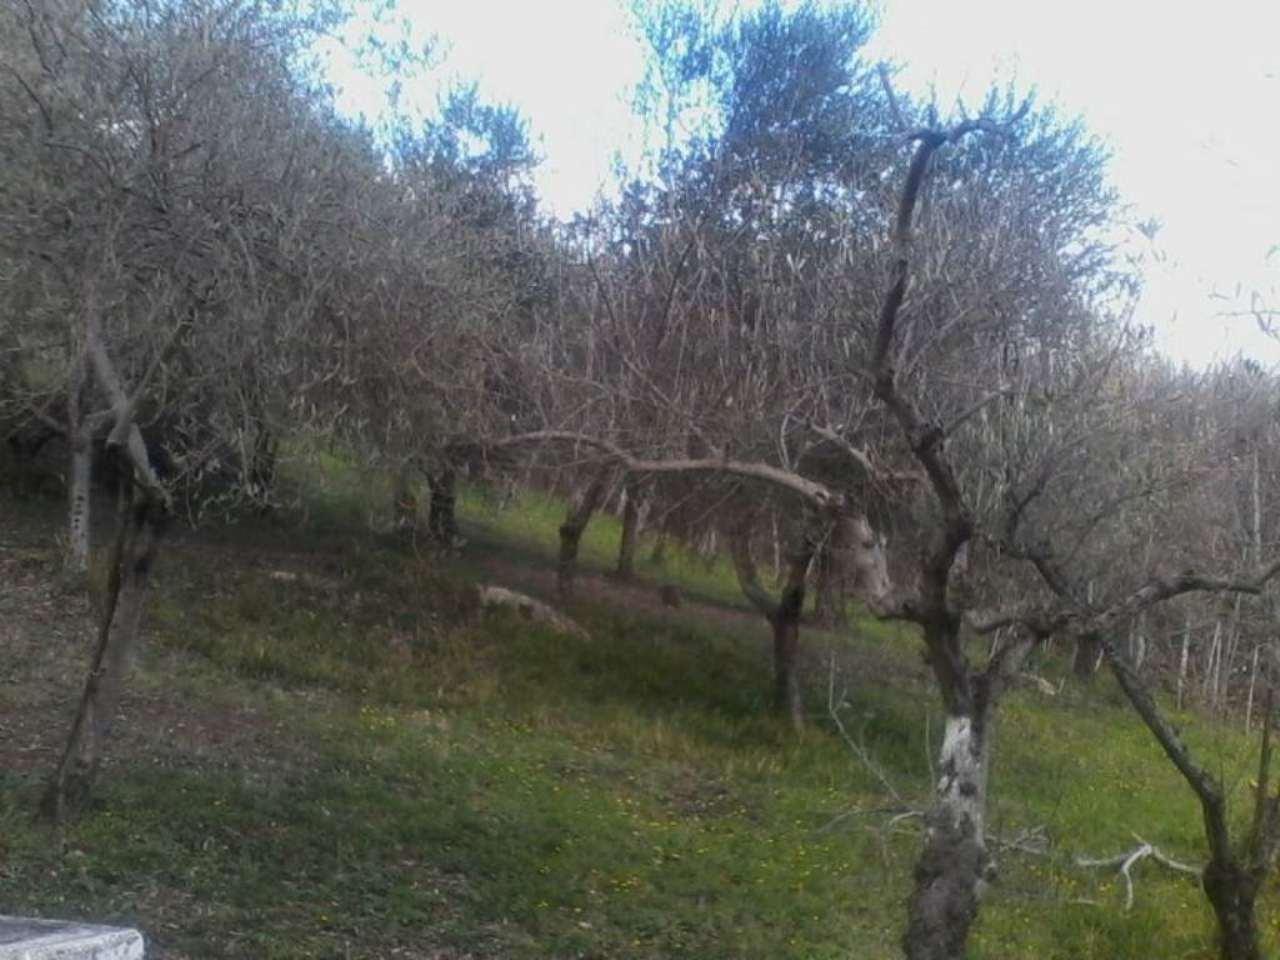 Bilocale Prata di Principato Ultra Via Localita' Cellaro 13